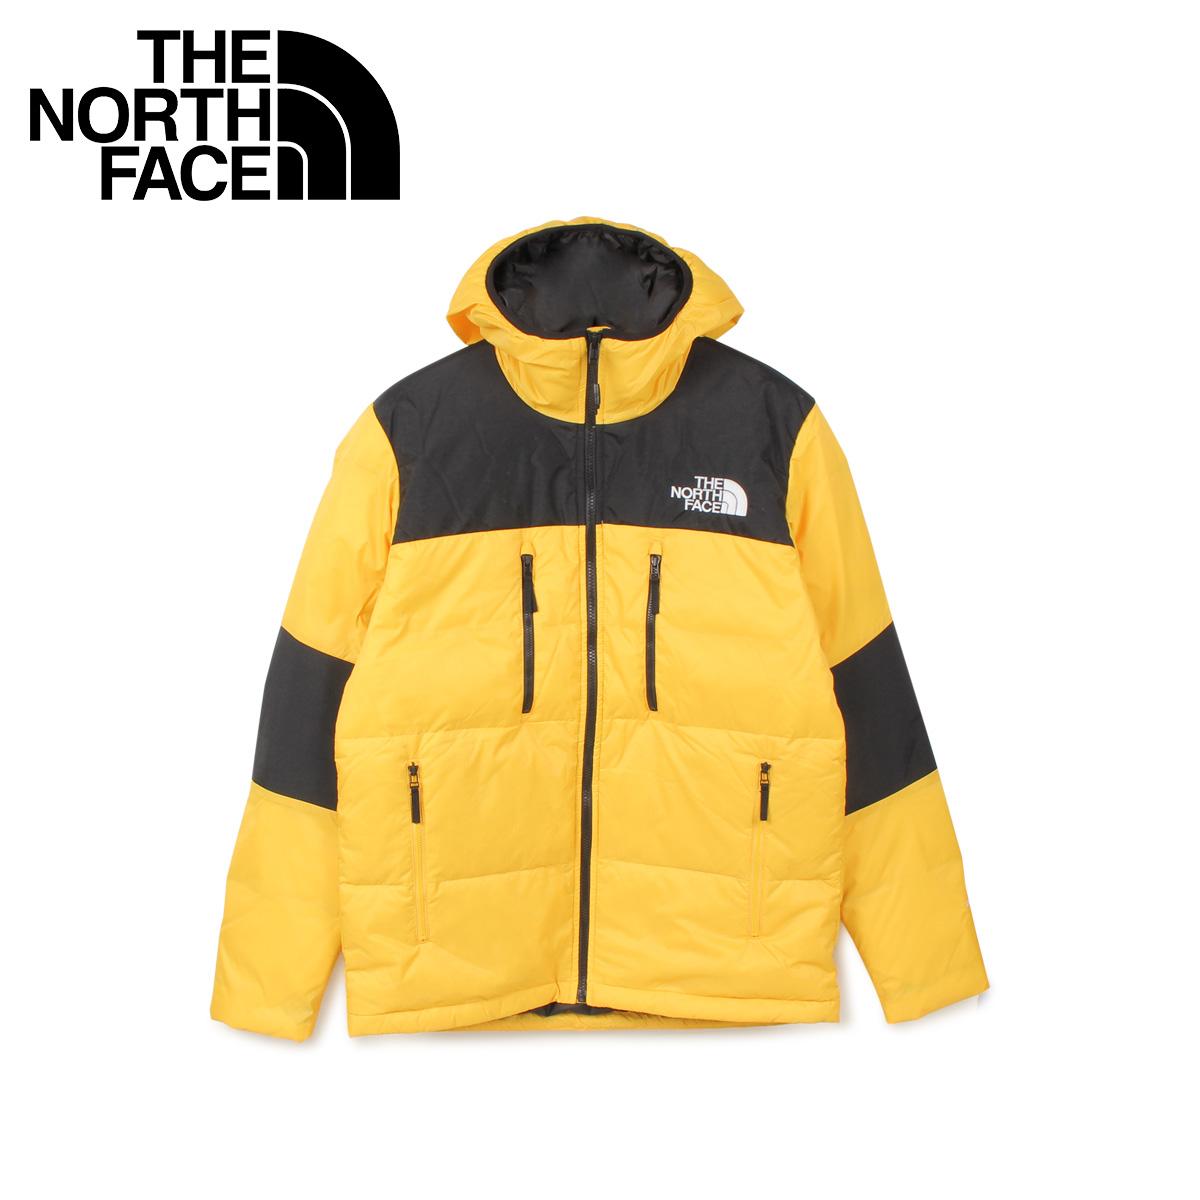 THE NORTH FACE ノースフェイス ジャケット ダウンジャケット メンズ DOWN JACKET イエロー T93OED